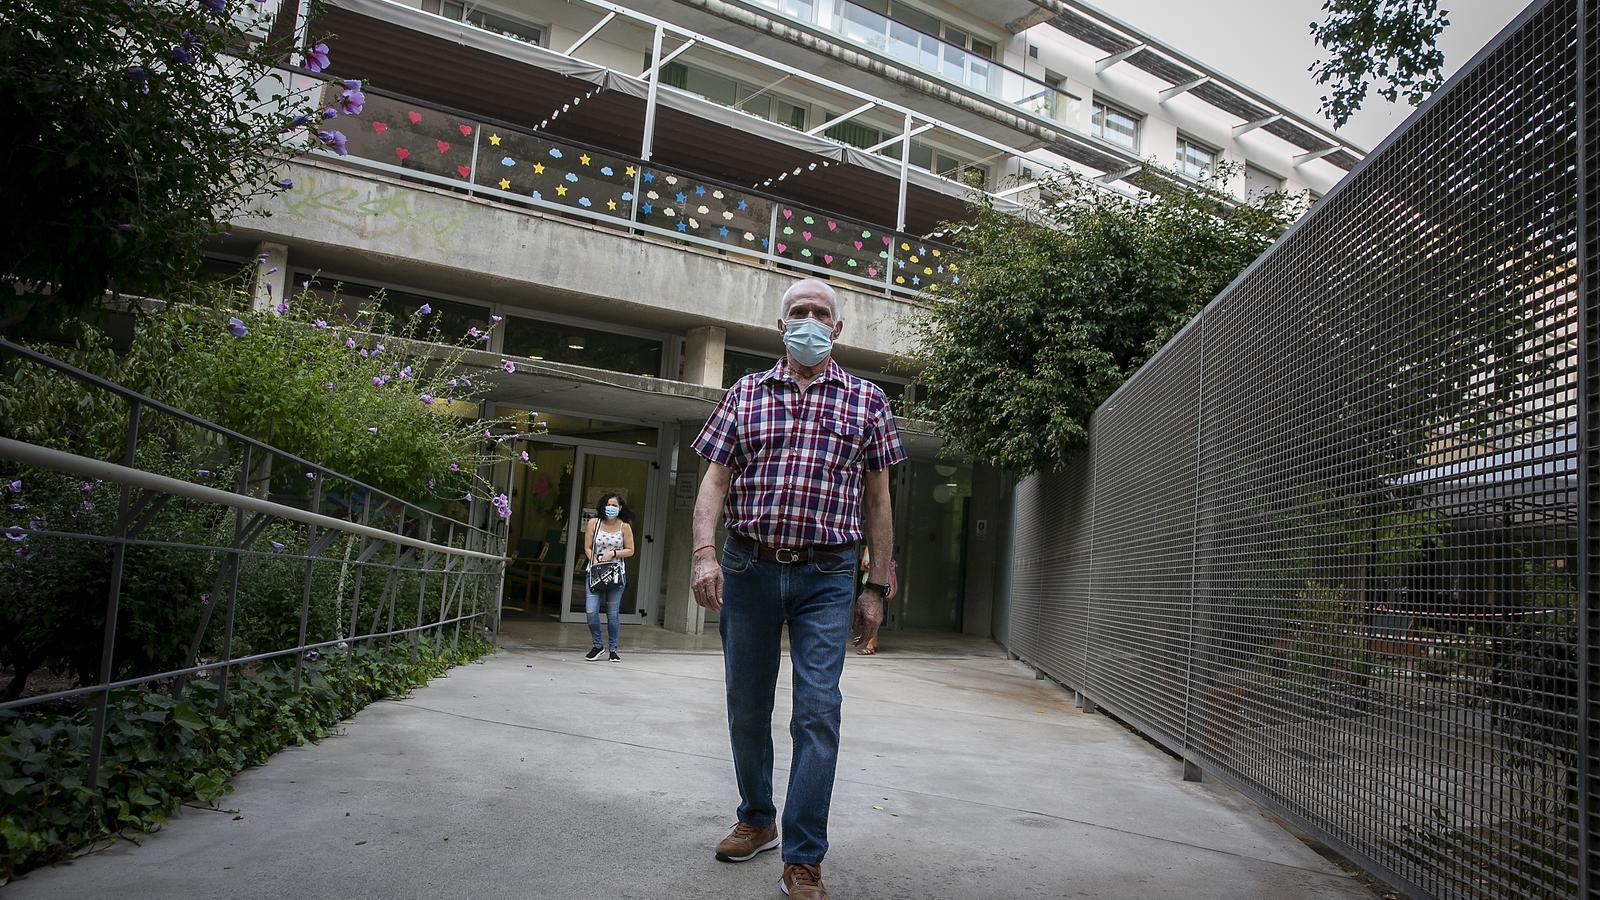 En Dídac viu a la residència i a partir de demà podrà sortir a passejar pel carrer després de sis mesos